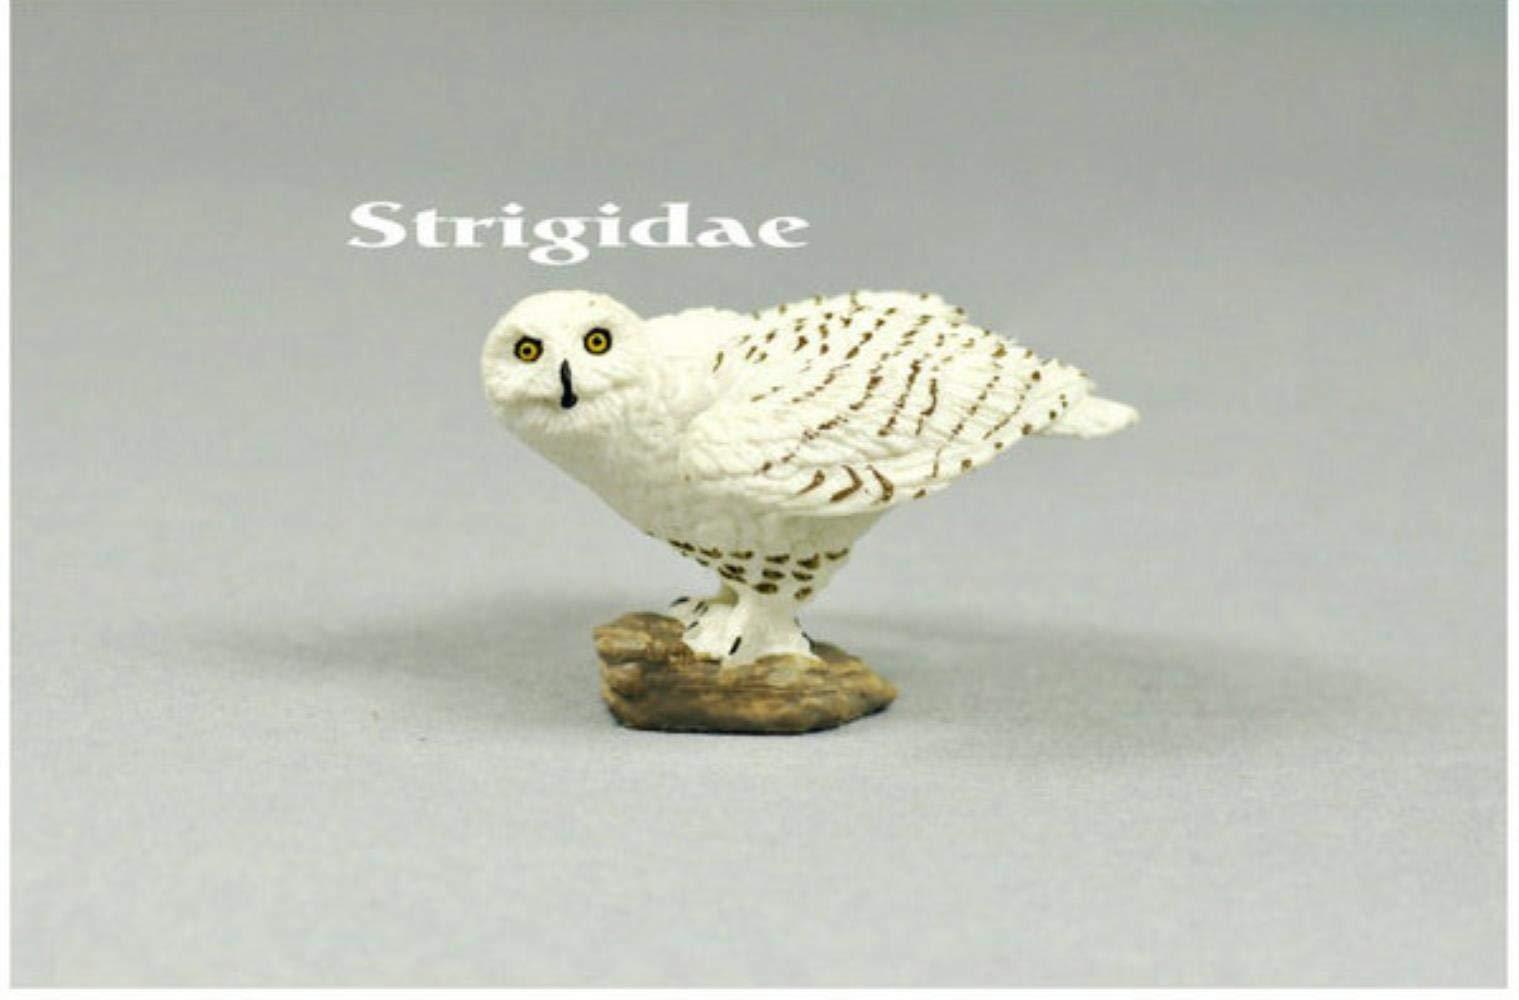 FGHHJ Figurilla Estatuas Adornos Aves Rapaces Animales Salvajes Originales Snowy Owl Figuras Coleccionables Estatuilla Niños Juguetes Educativos Snowy Owl: Amazon.es: Hogar